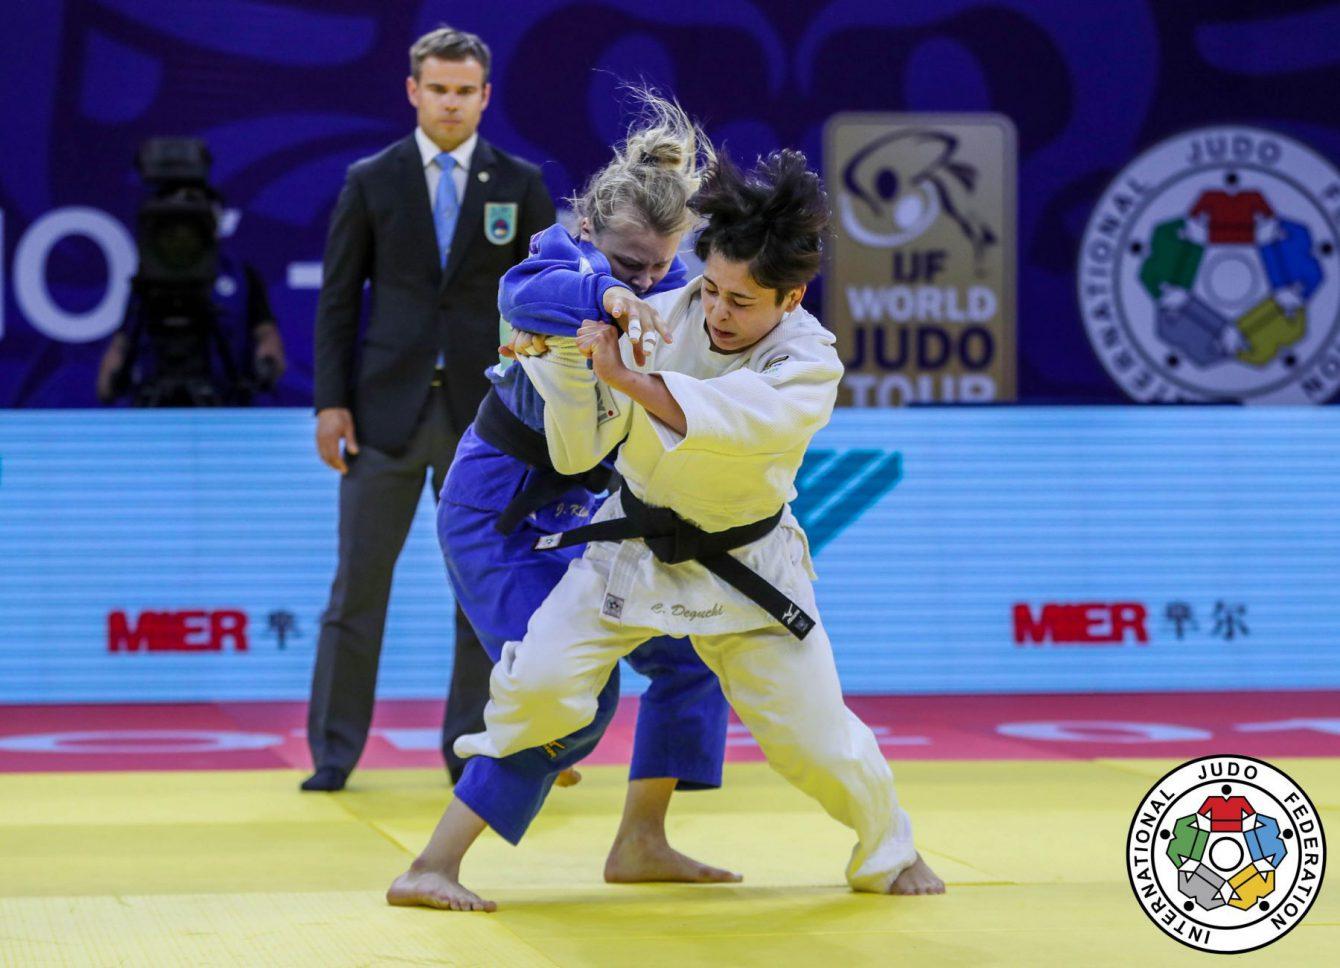 Christa Deguchi et Jessica Klimkai d'Équipe Canada s'affrontent en finale des 57 kg au Grand Prix de judo de Hohhot, en Chine, le 25 mai 2018. Photo : Sabau Gabriela